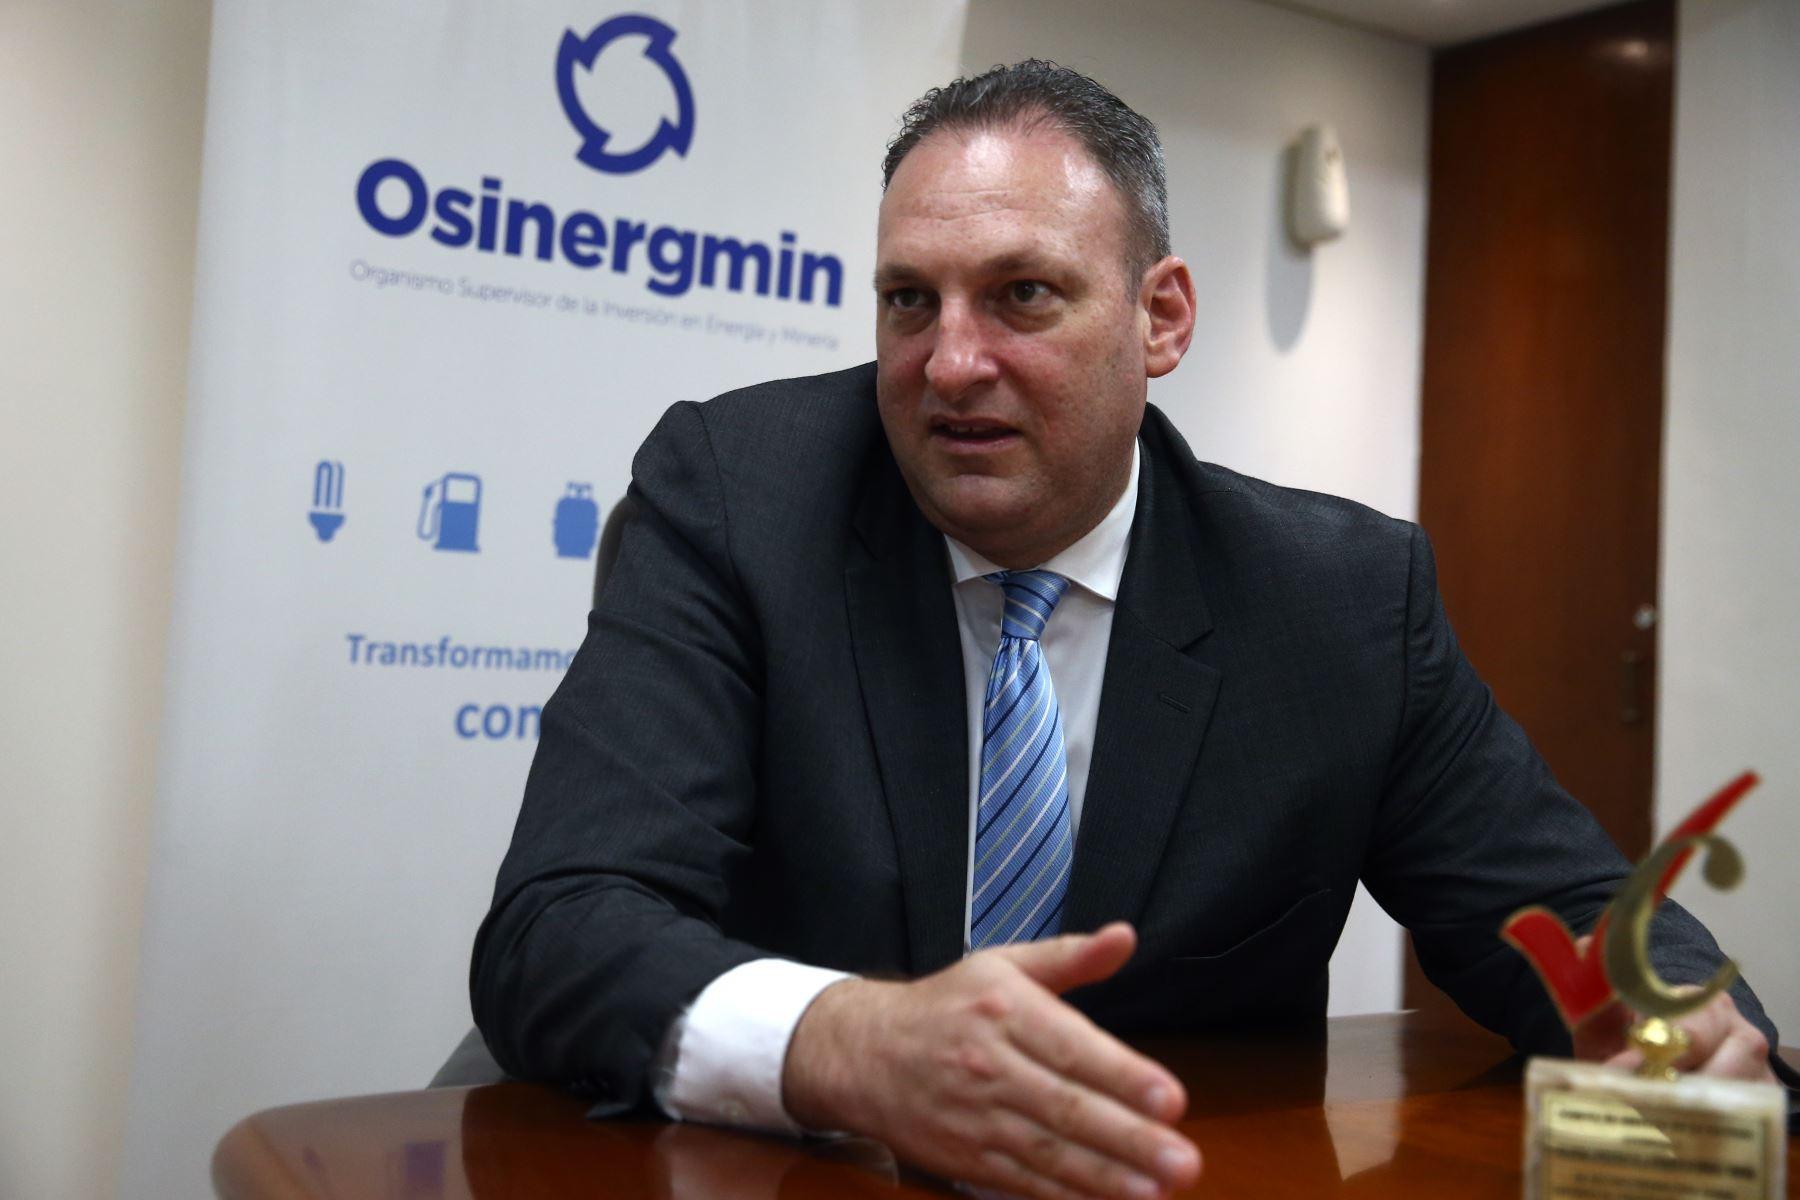 el-presidente-del-osinergmin-renuncio-por-accidente-en-ves